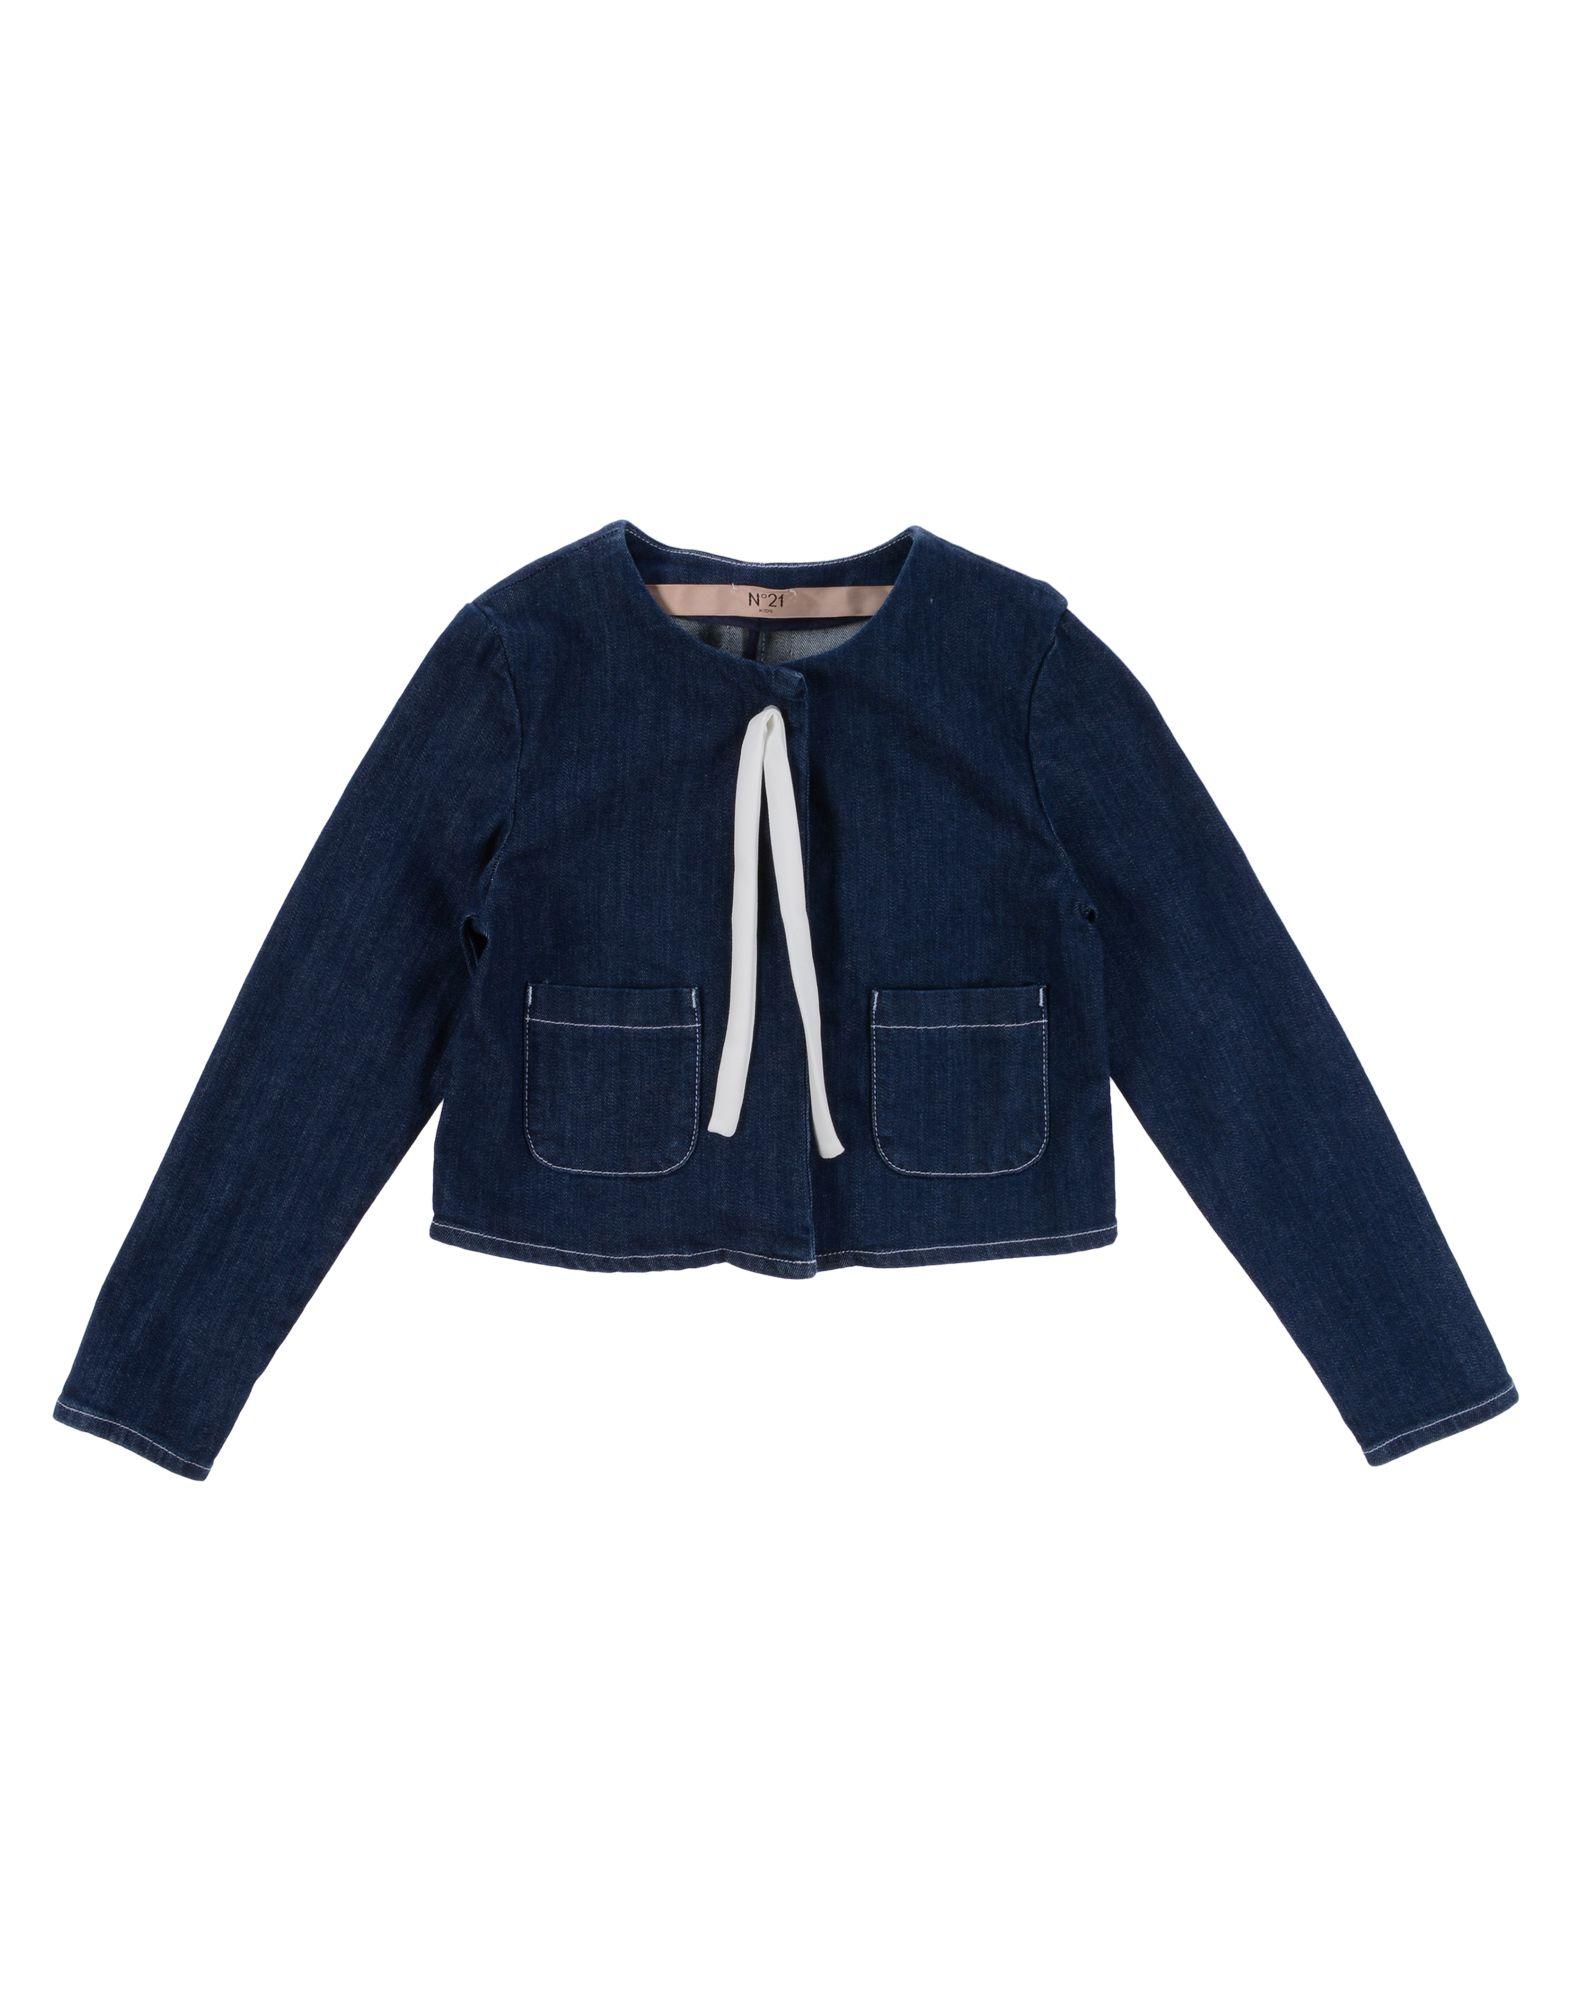 N°21 Mädchen 9-16 jahre Jeansjacke -mantel2 blau